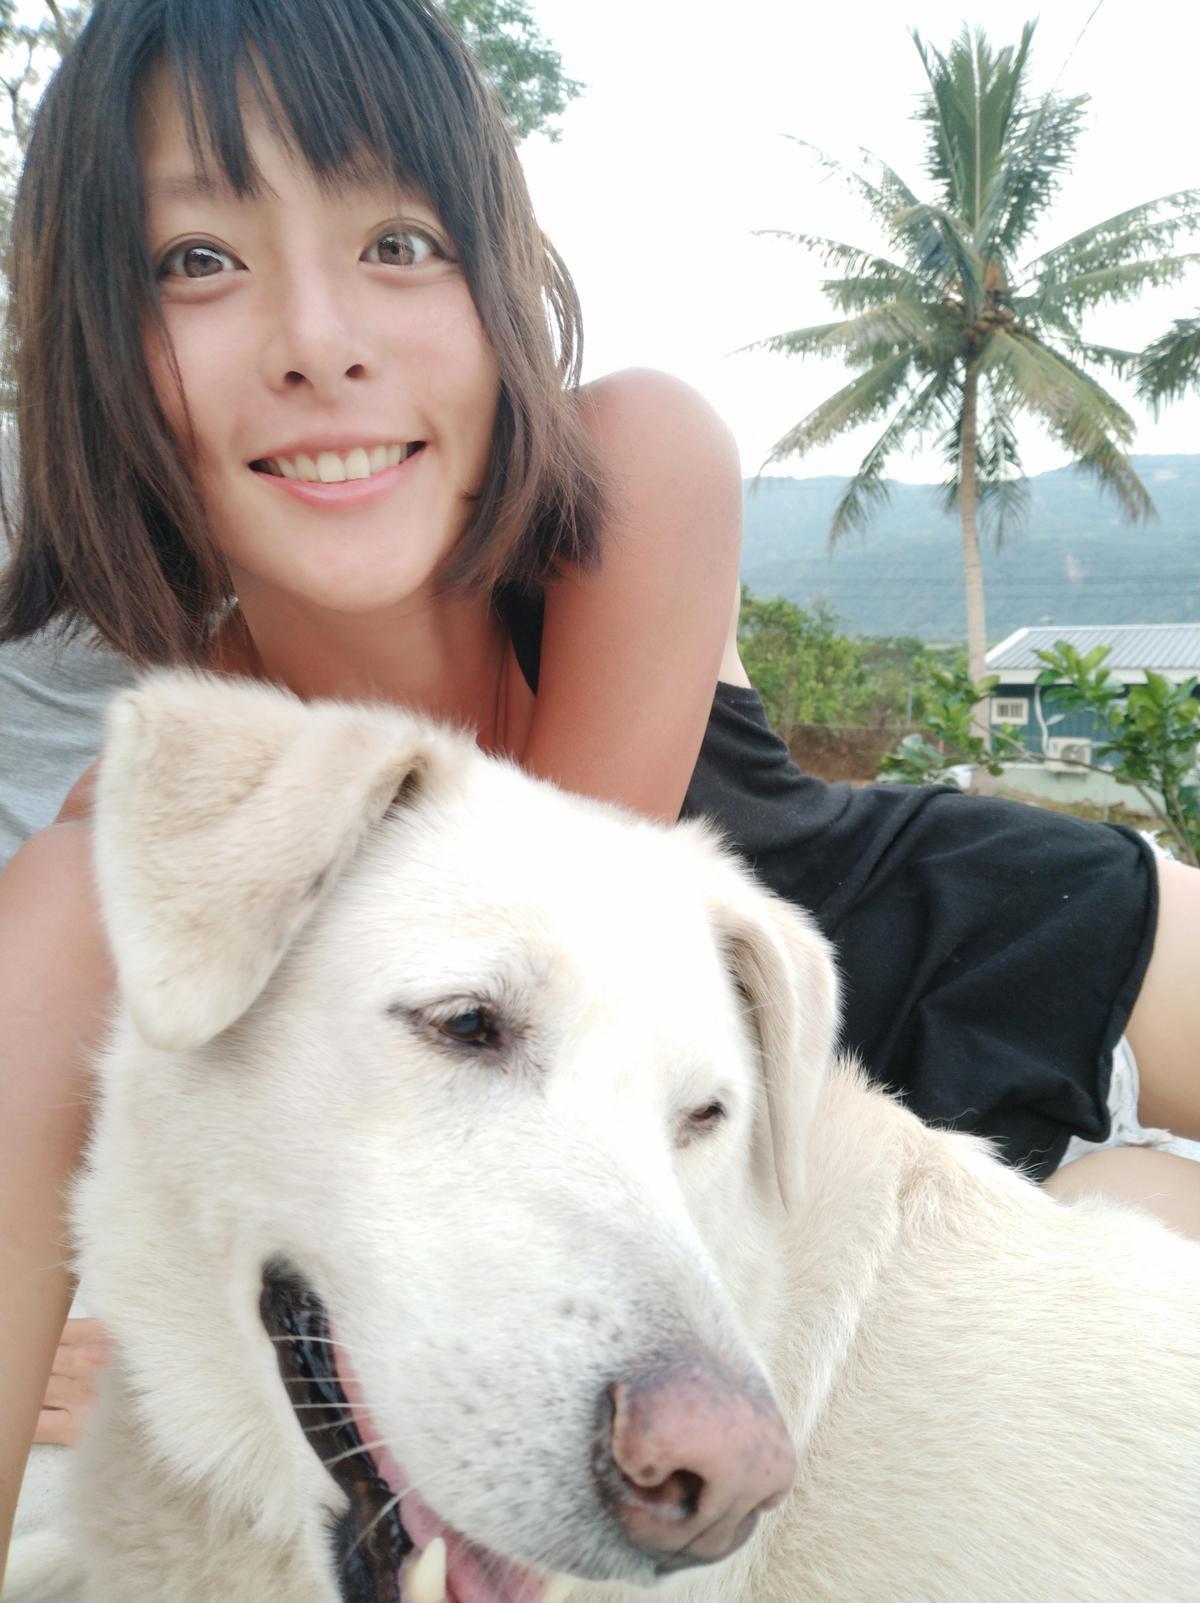 不工作的時候,她選擇定居台南悠閒過生活。